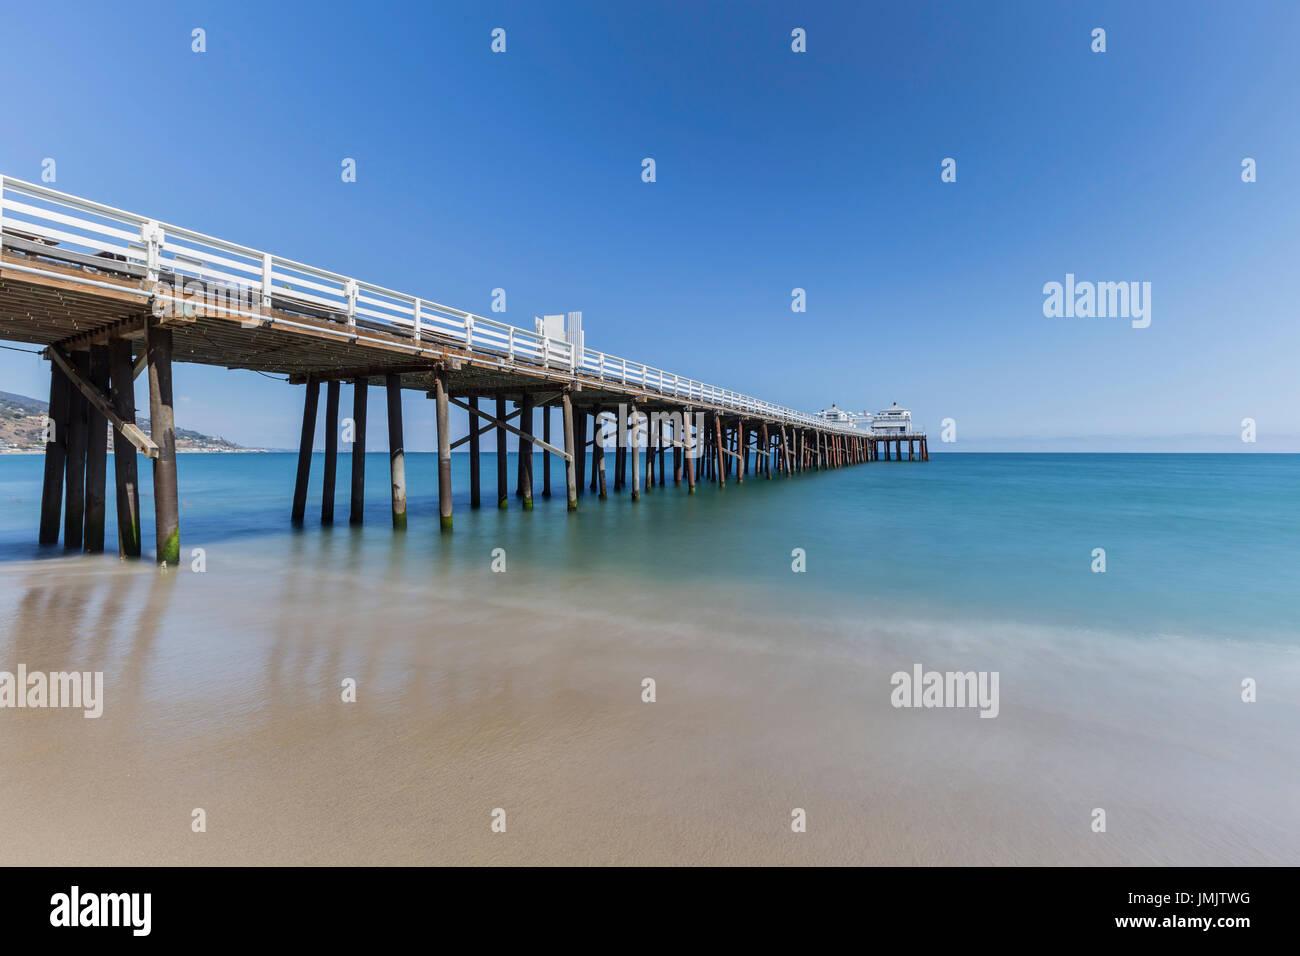 Malibu Pier Strand mit Motion blur Wasser in der Nähe von Los Angeles in Kalifornien. Stockbild